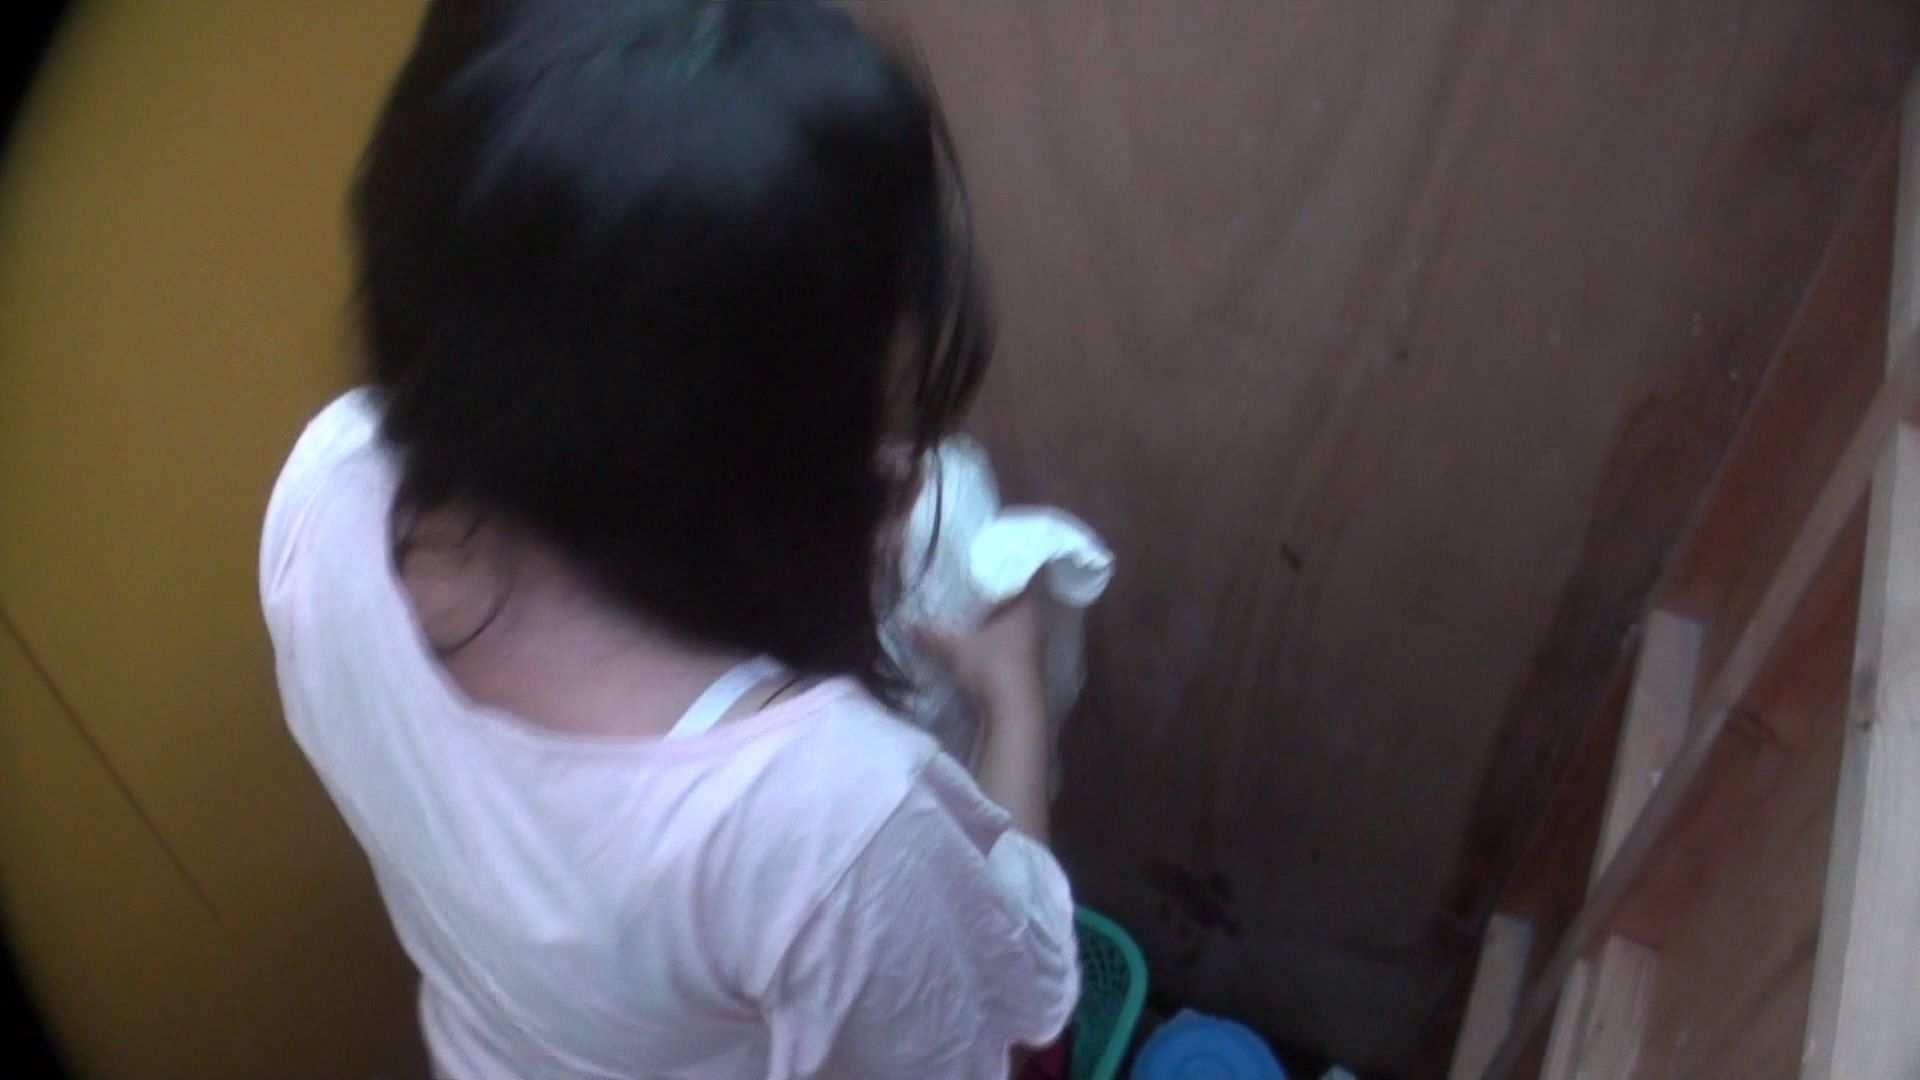 シャワールームは超!!危険な香りVol.13 ムッチムチのいやらしい身体つき シャワー  111pic 11